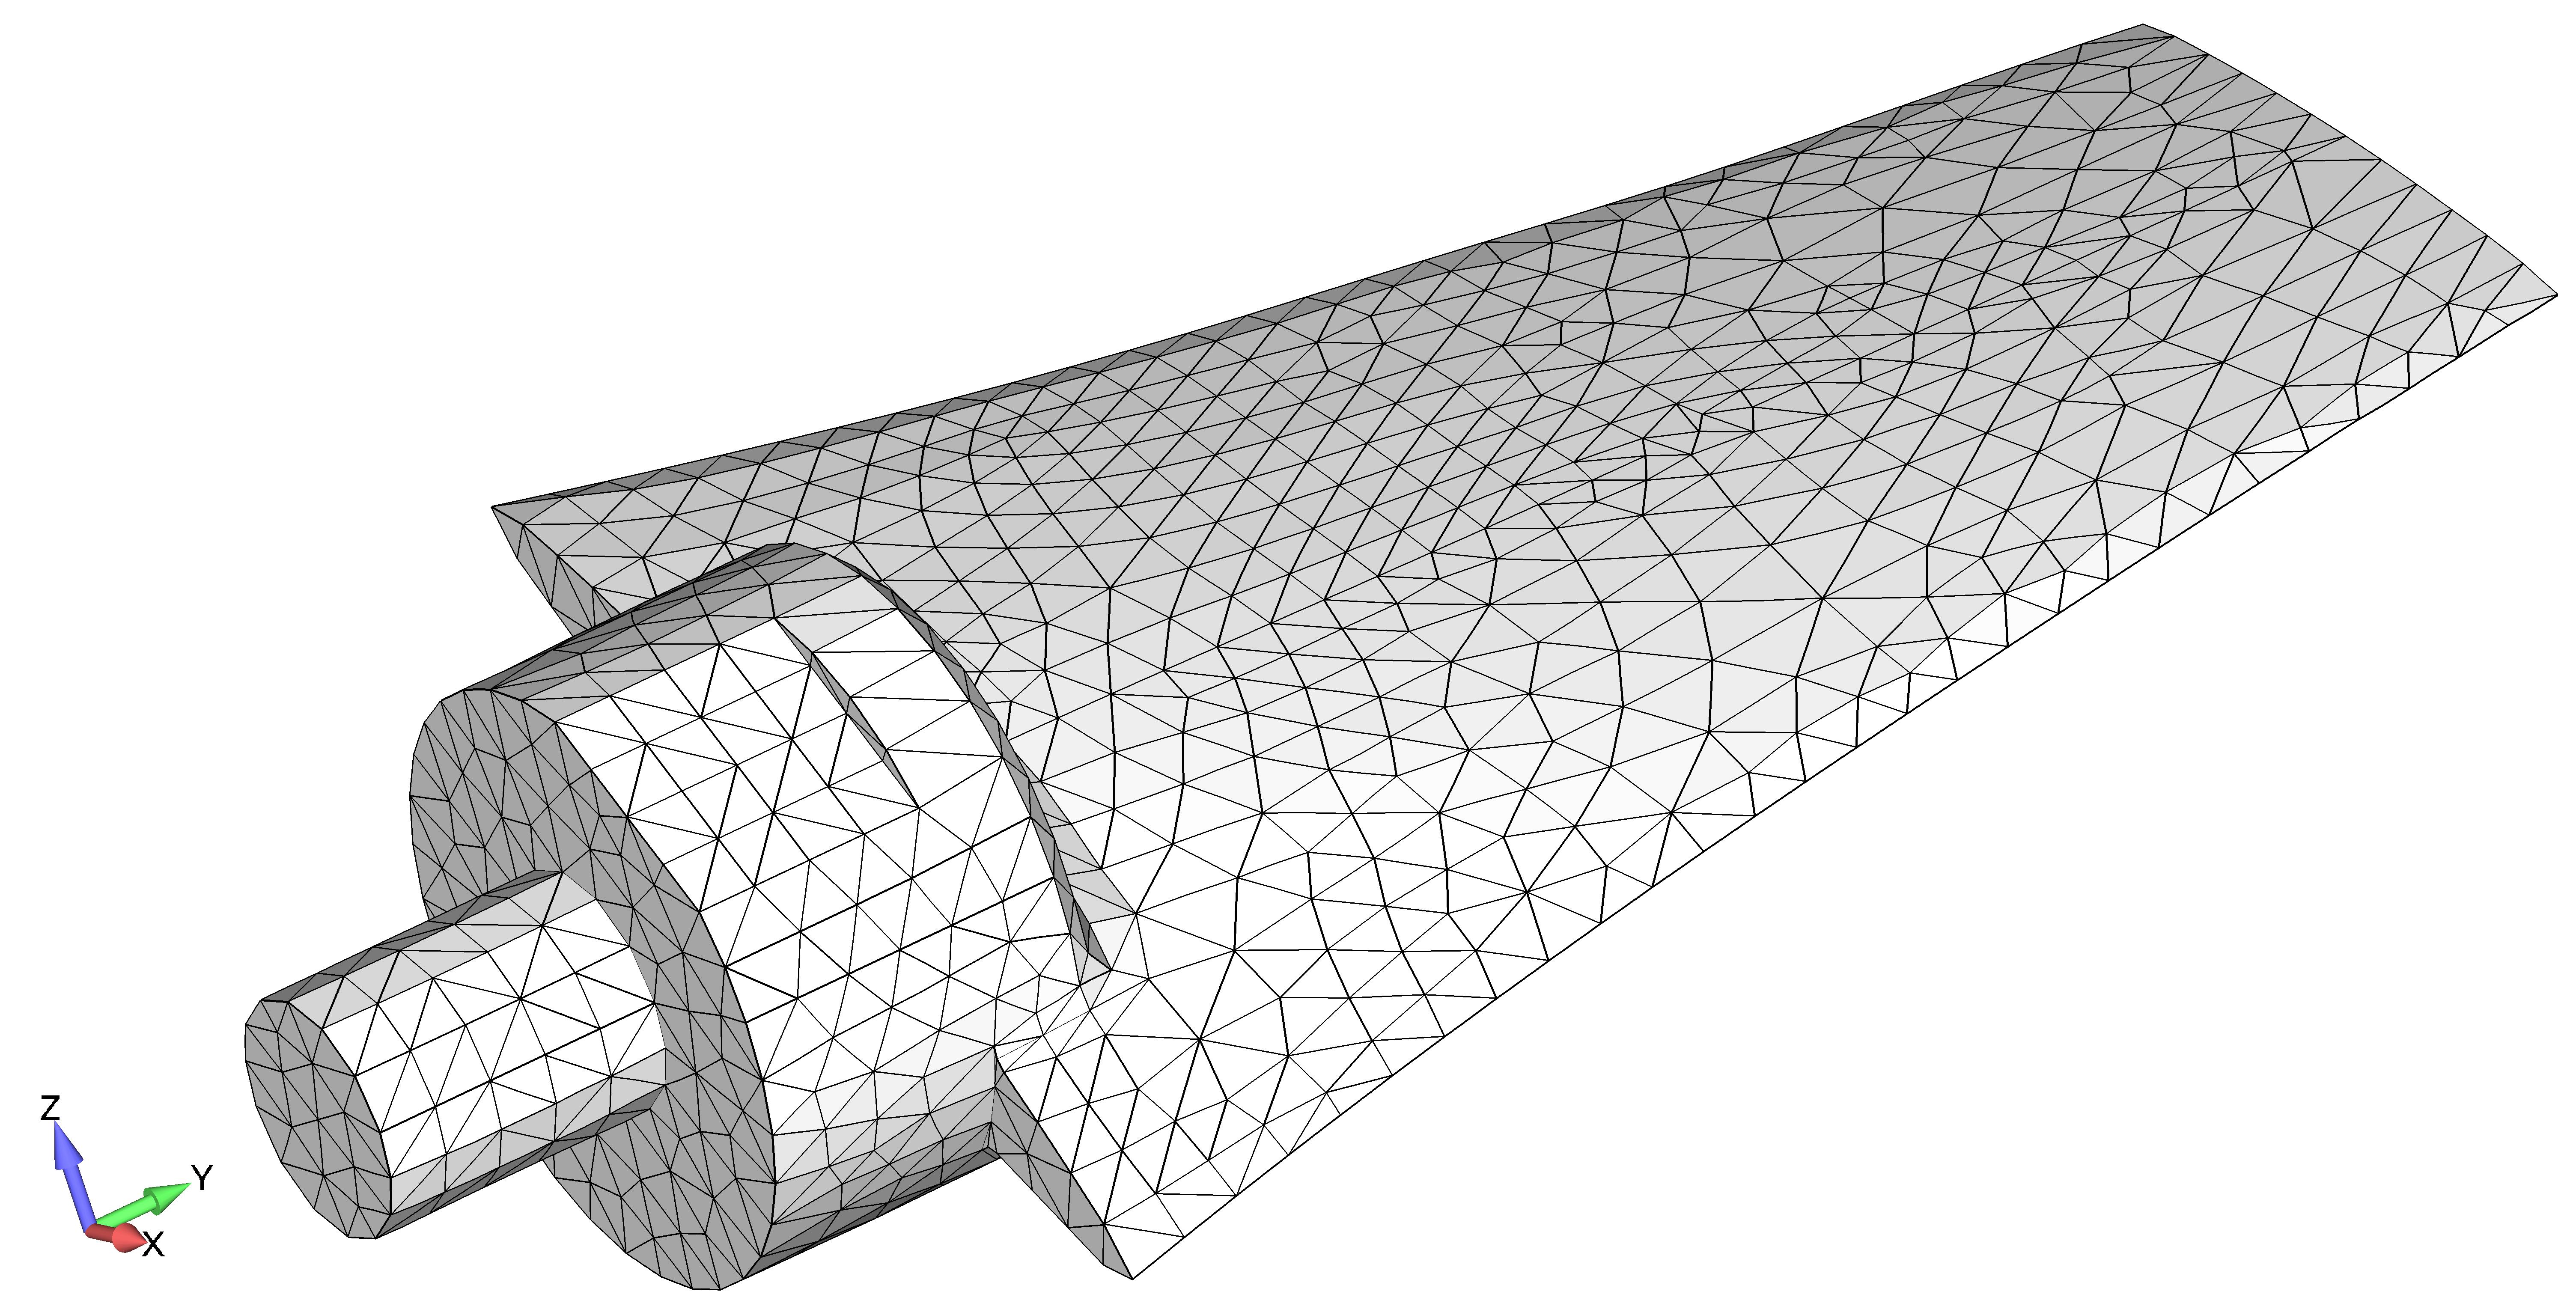 Femap NX Nastran деформированный вид модели, контурная заливка элементов